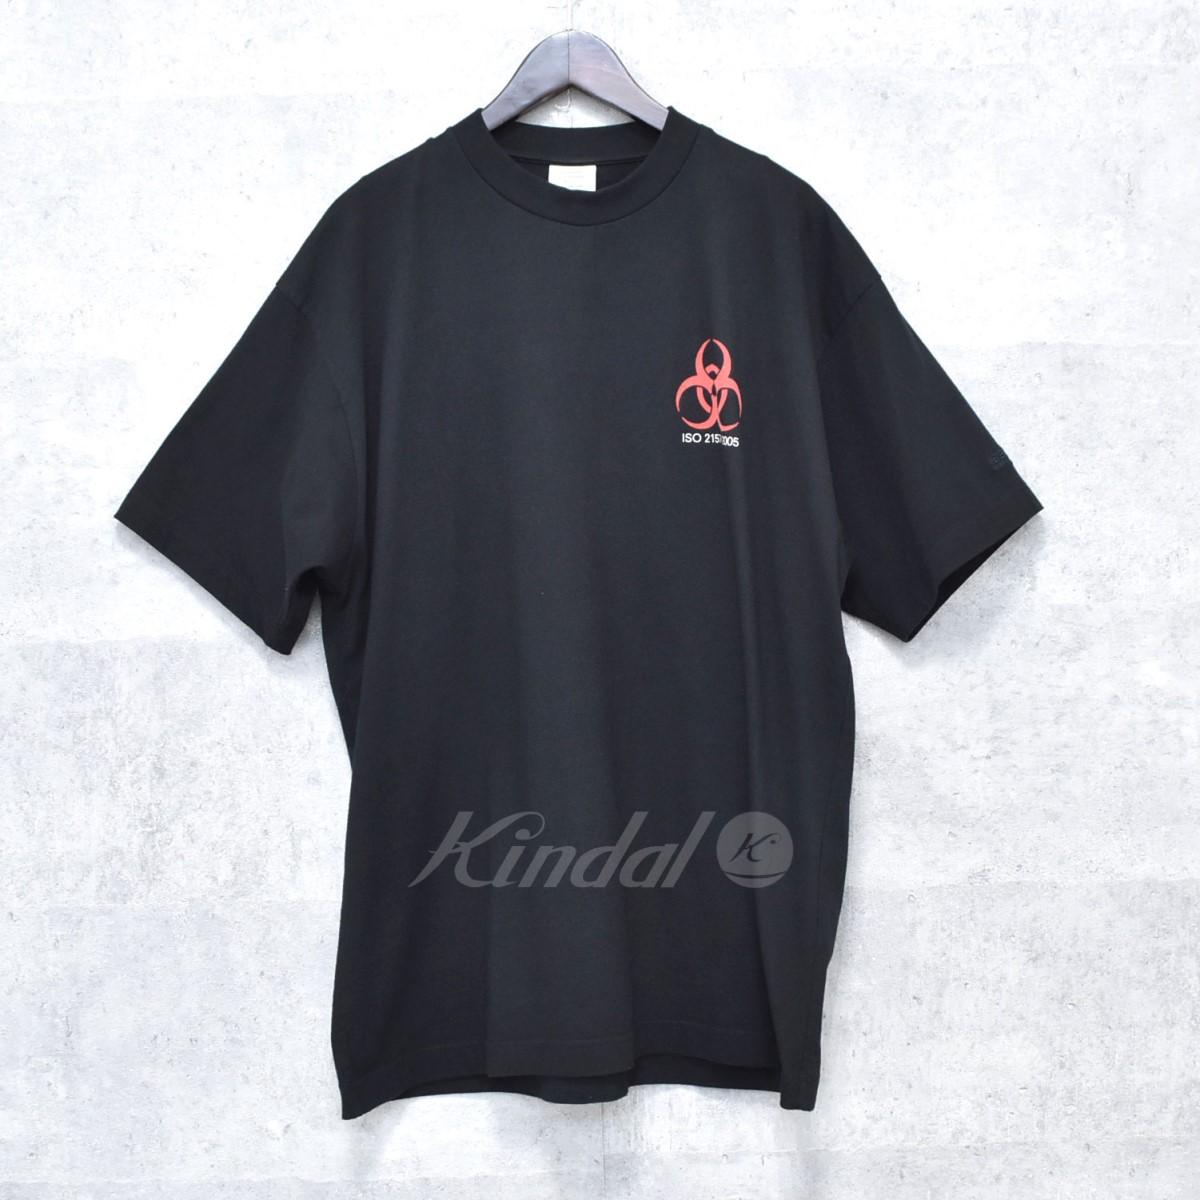 【中古】VETEMENTS VOLUNTEER T-SHIRT ボランティアTシャツ ブラック サイズ:XS 【送料無料】 【041118】(ヴェトモン)